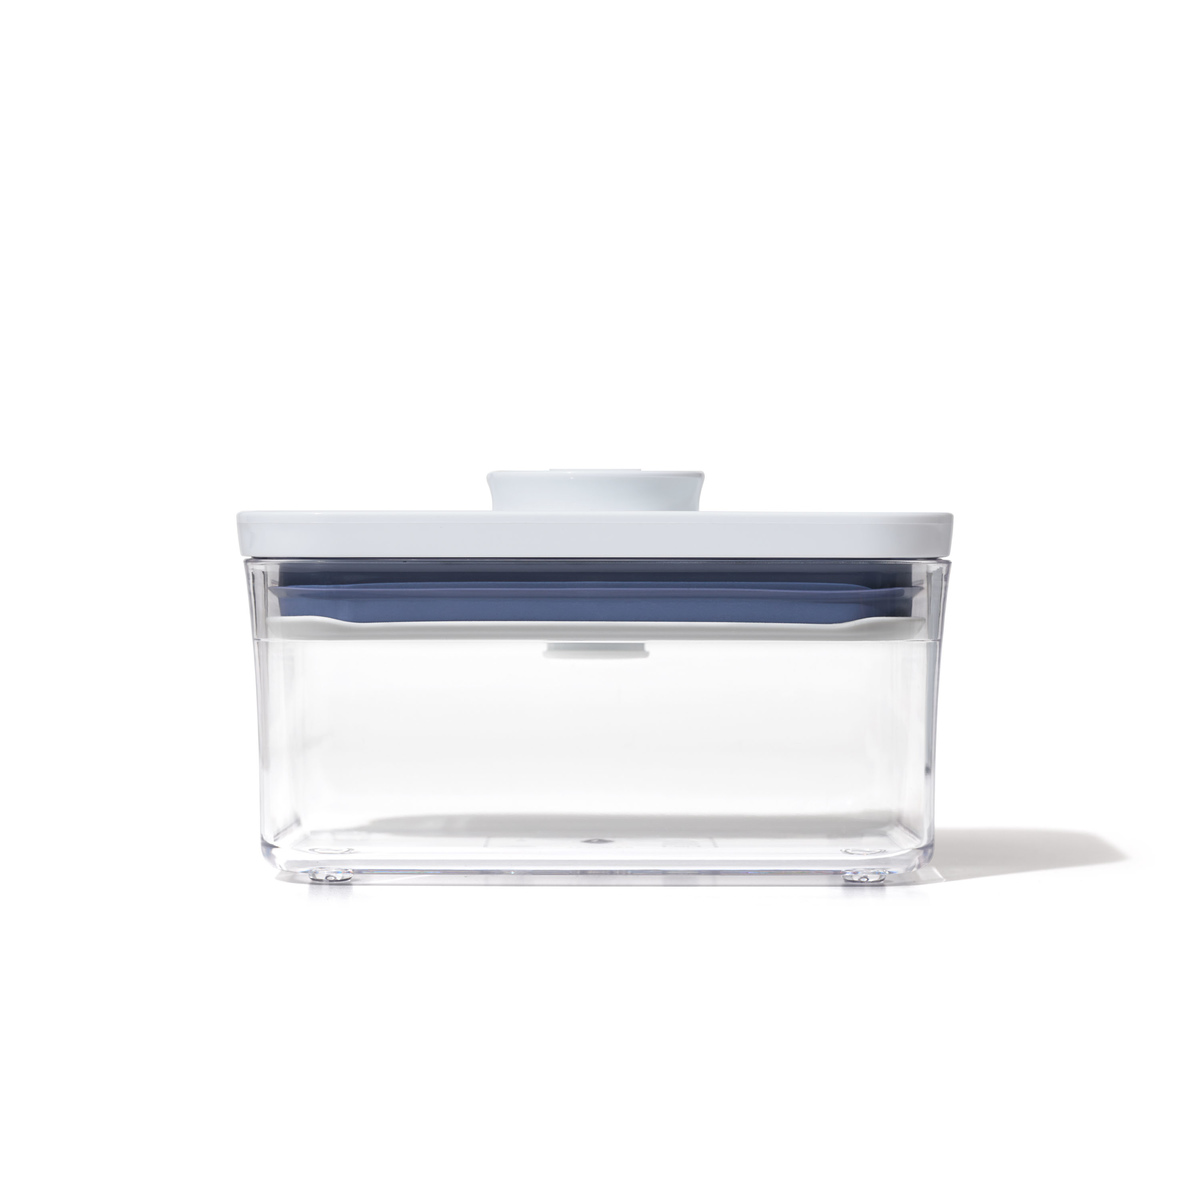 Емкость для хранения с всплывающей кнопкой OXO FOOD STORAGE, 16х10,5х8 см, объем 0,6 л, прозрачный OXO 11234700 фото 5